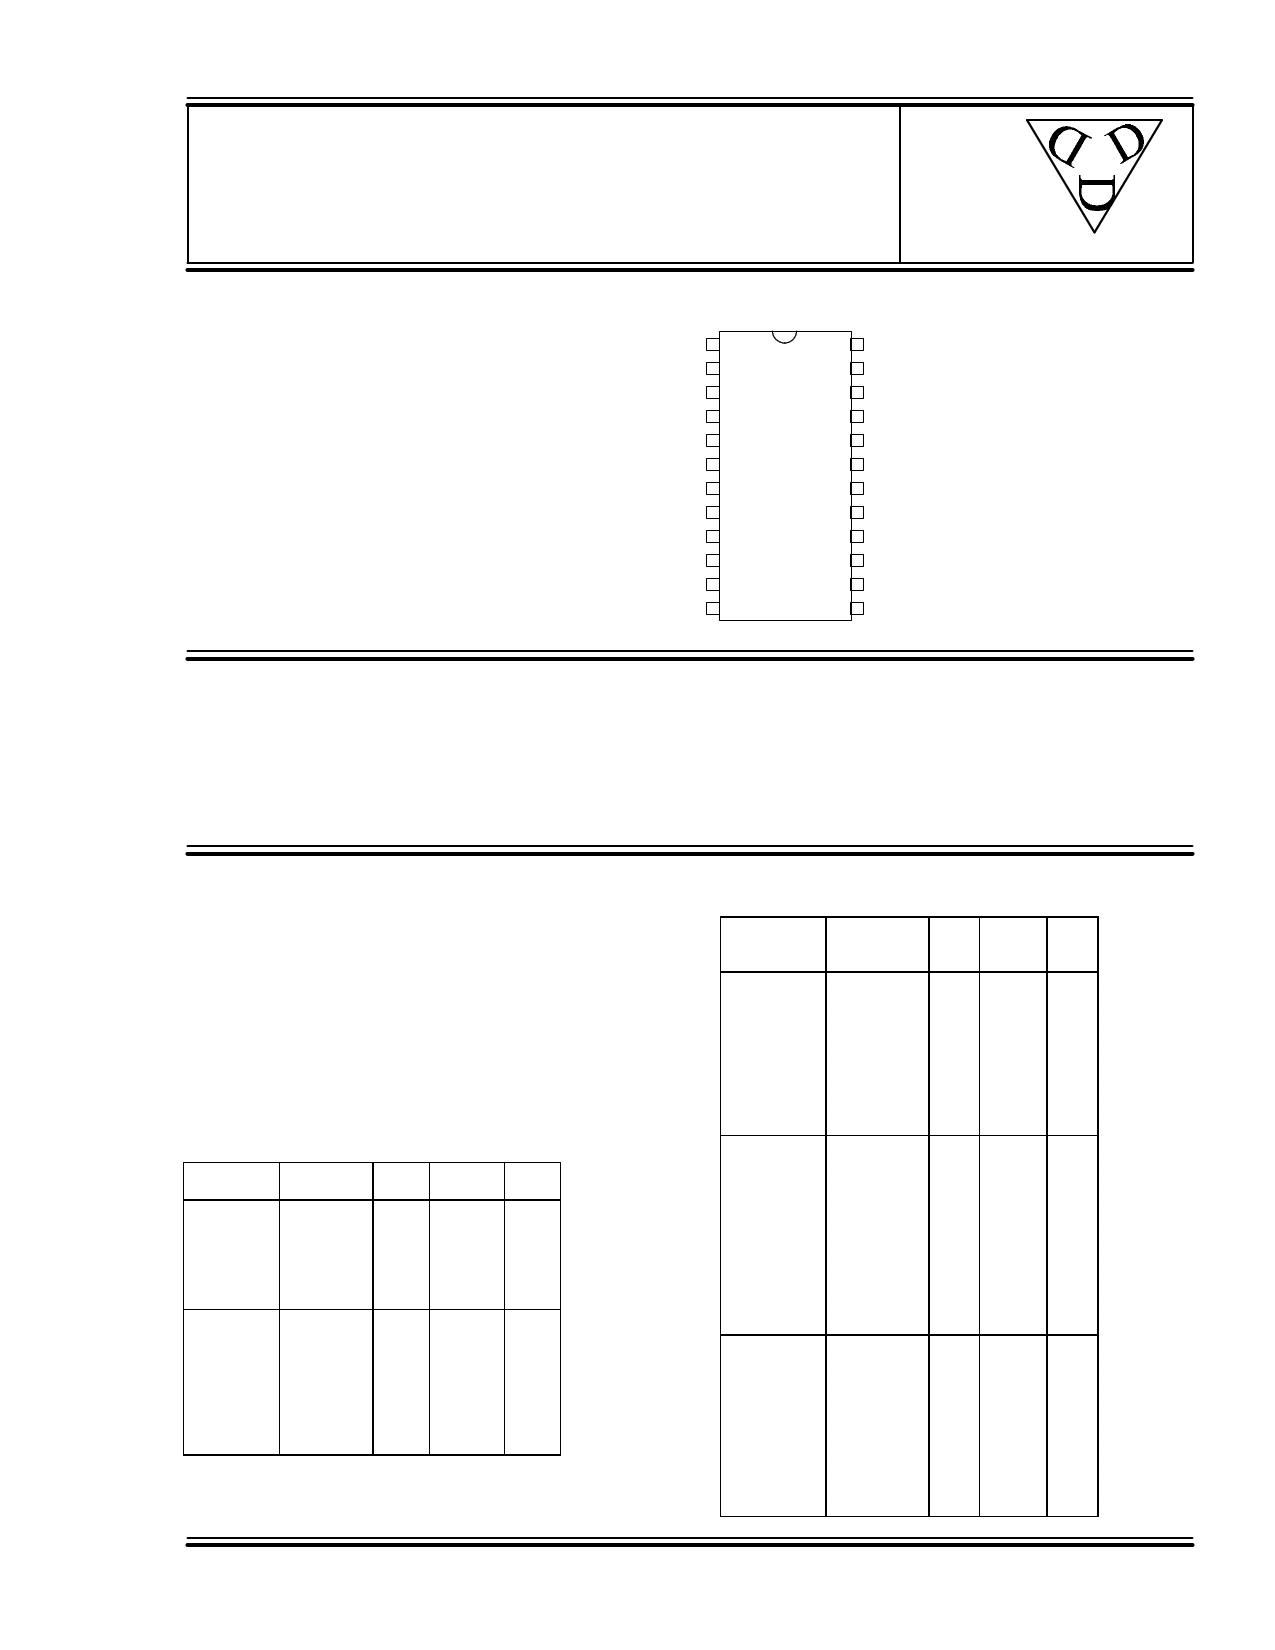 2211-1000G Datasheet, 2211-1000G PDF,ピン配置, 機能